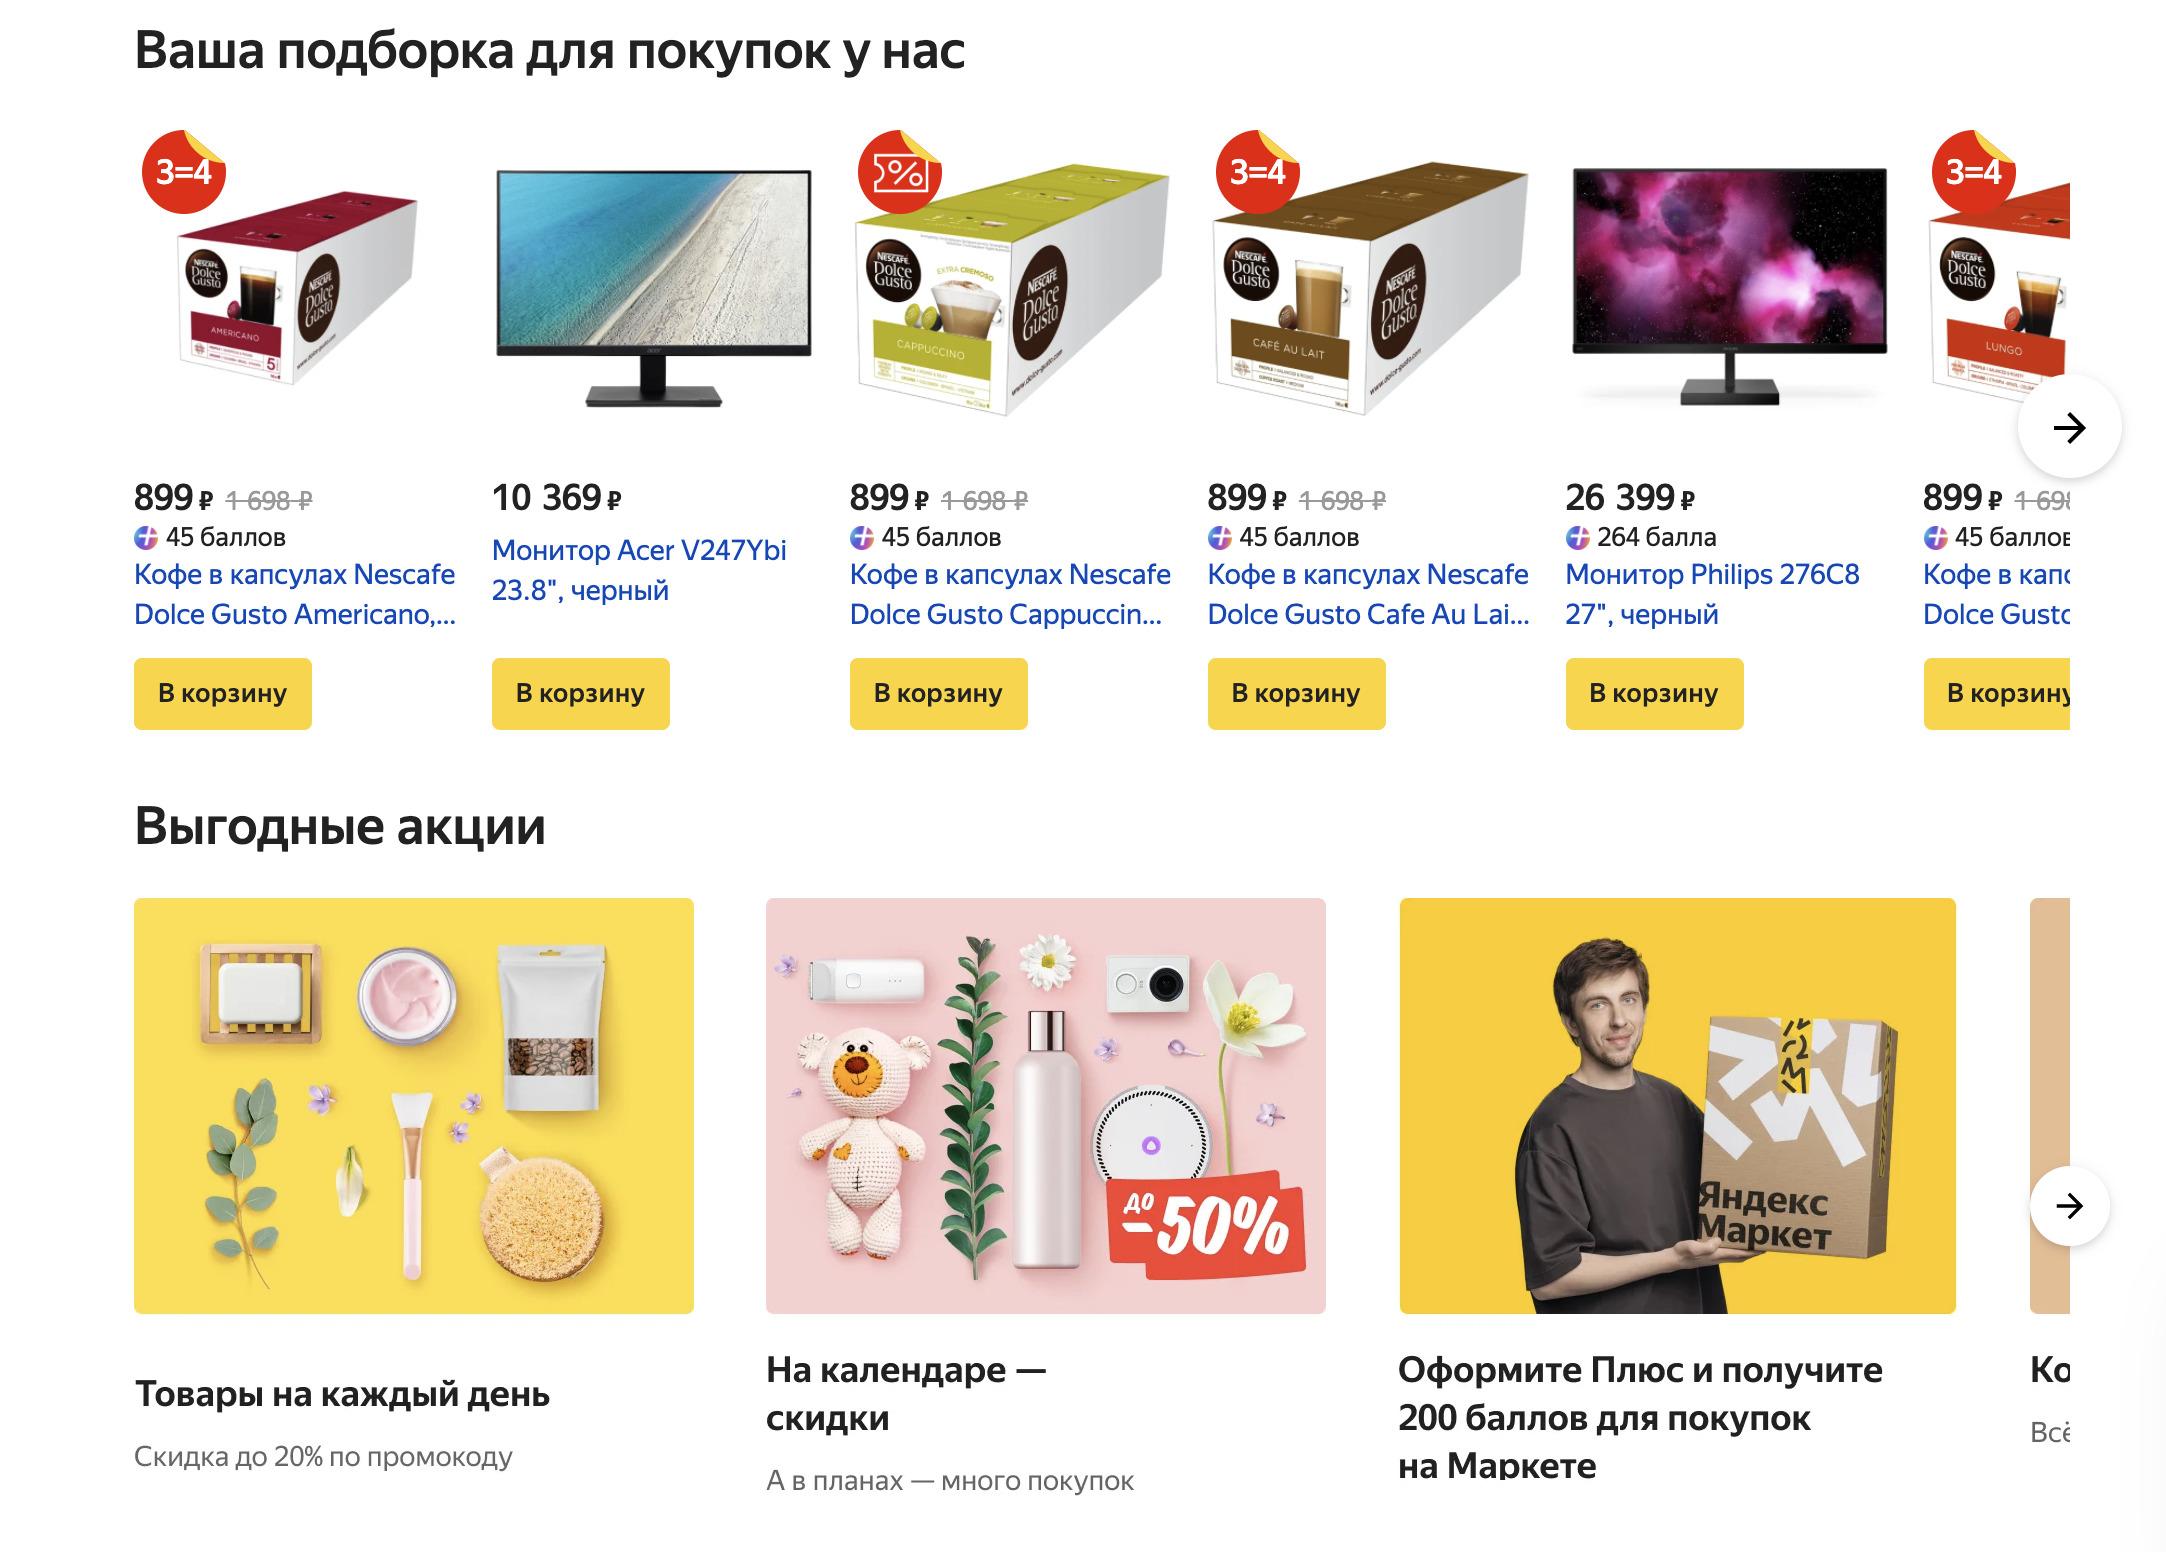 Доставка из Яндекс.Маркет в Сахалинскую область, сроки, пункты выдачи, каталог